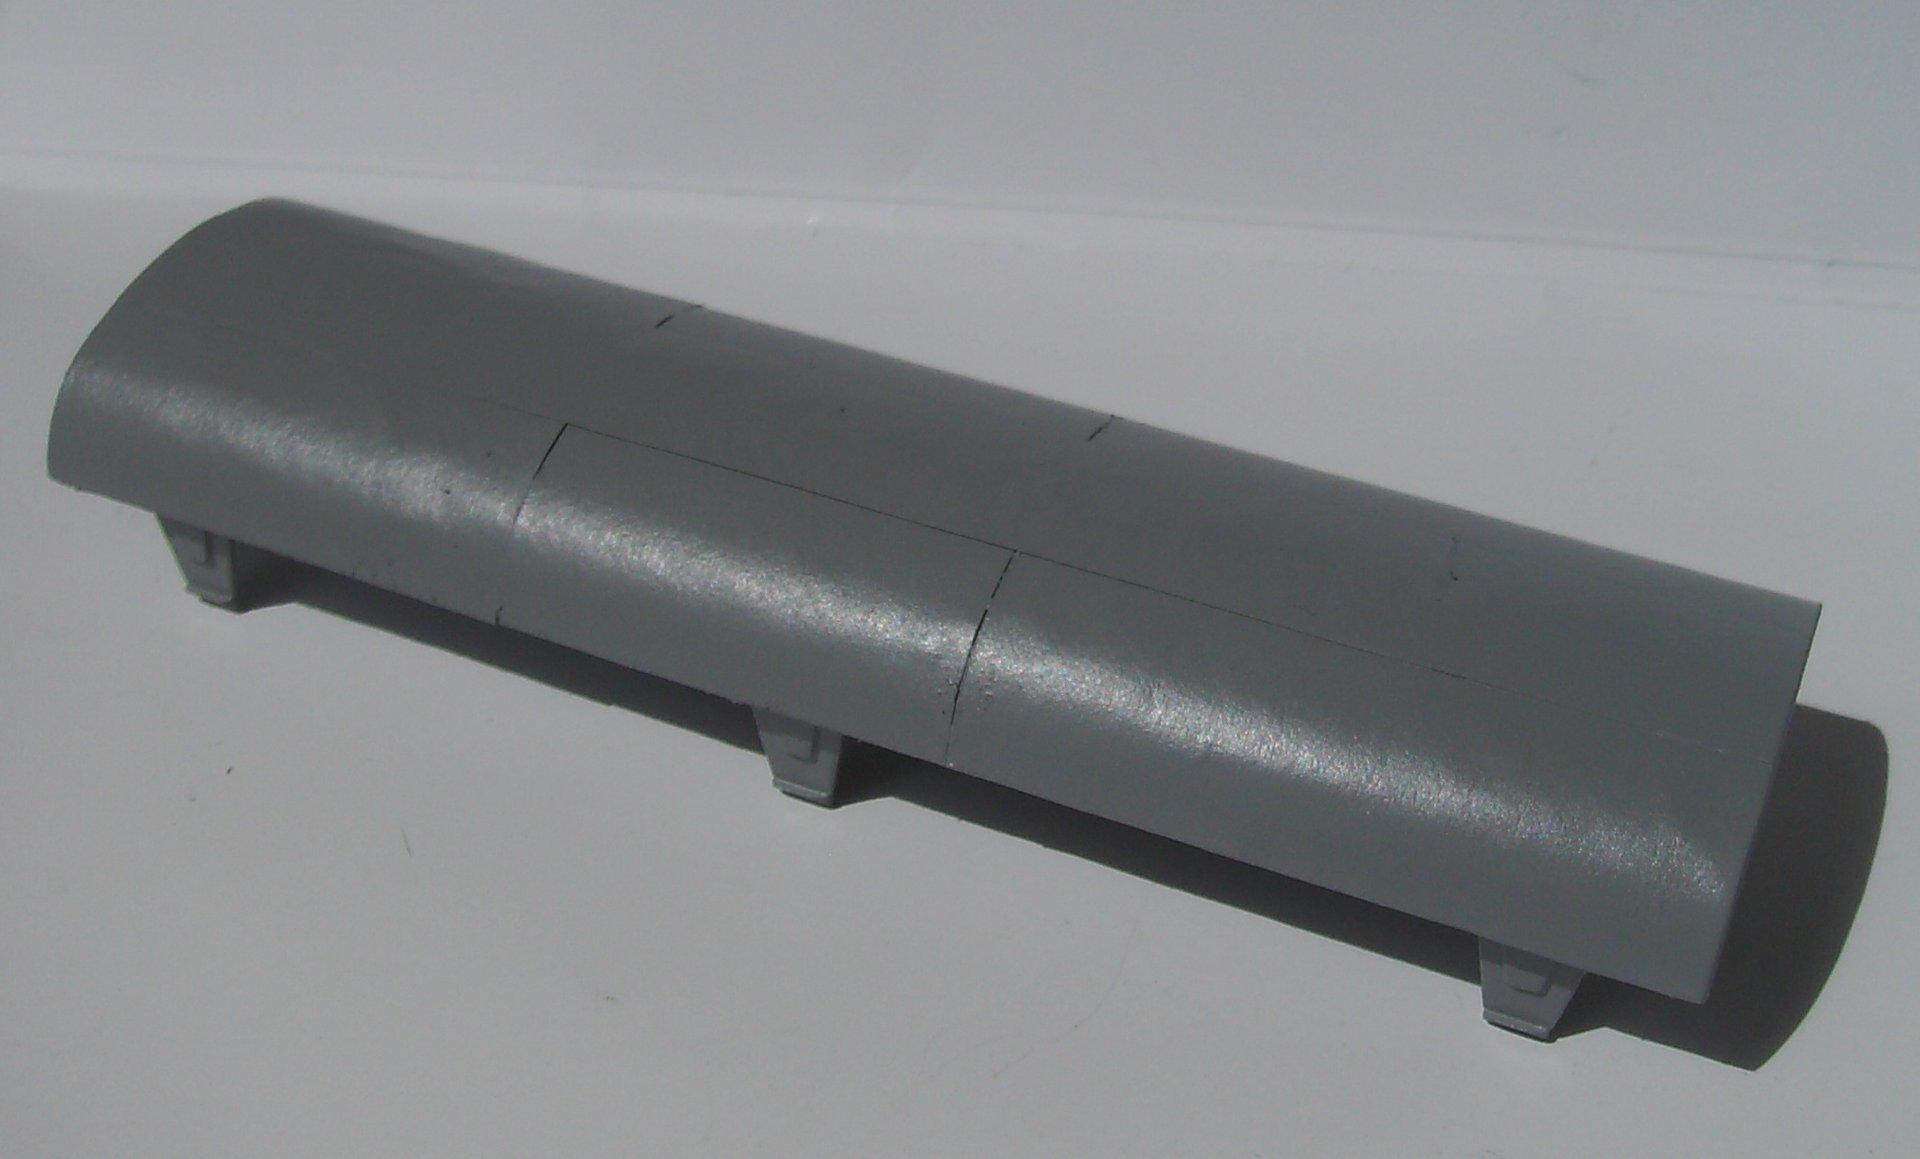 HPIM0063.JPG